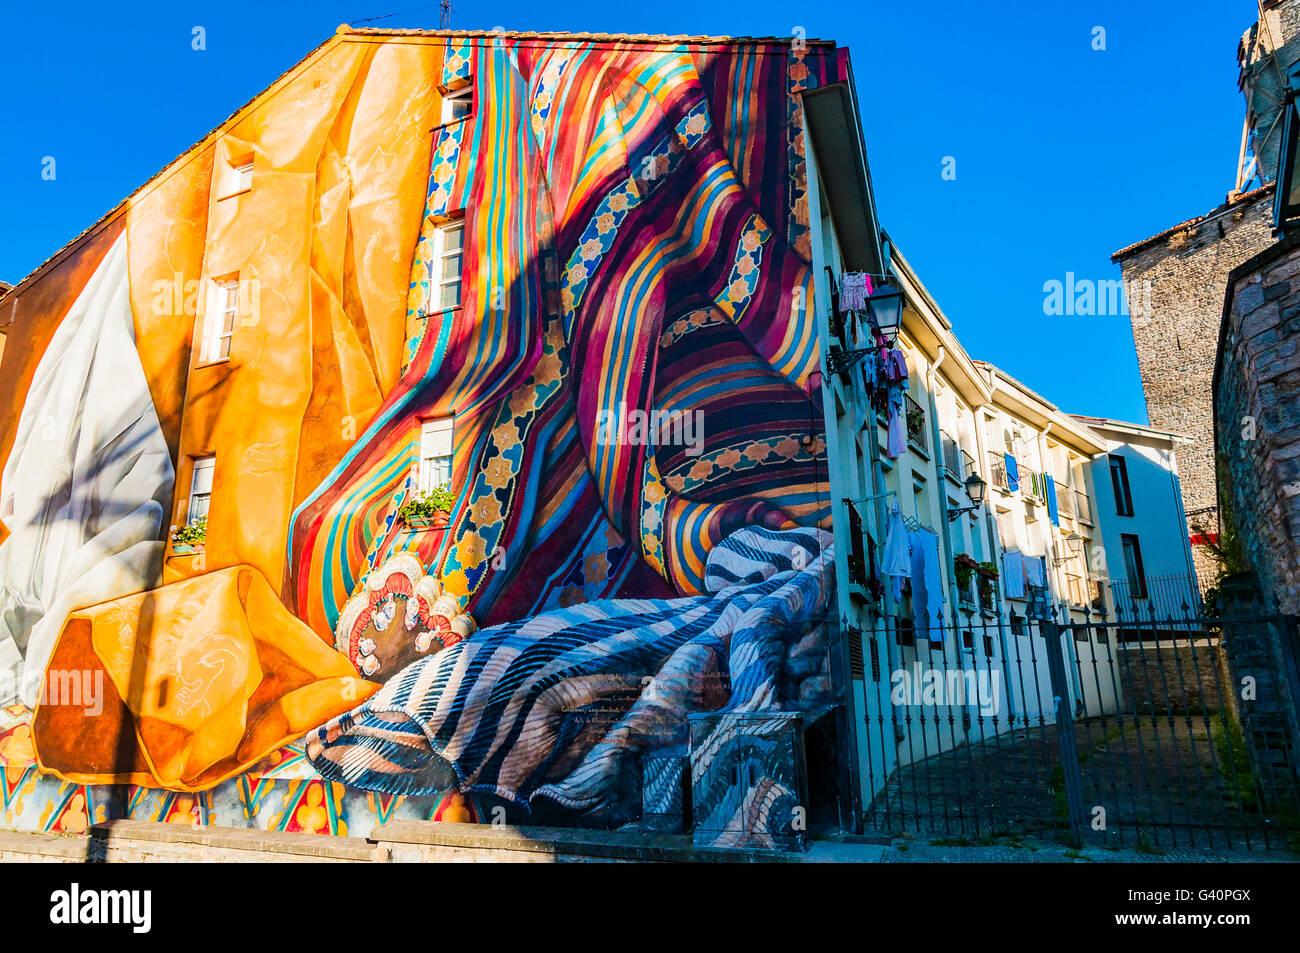 Al Hilo del Tiempo. Mural itinerary of Vitoria, IMVG. Calle Chiquita nº 9. Vitoria-Gasteiz, Álava, Basque - Stock Image